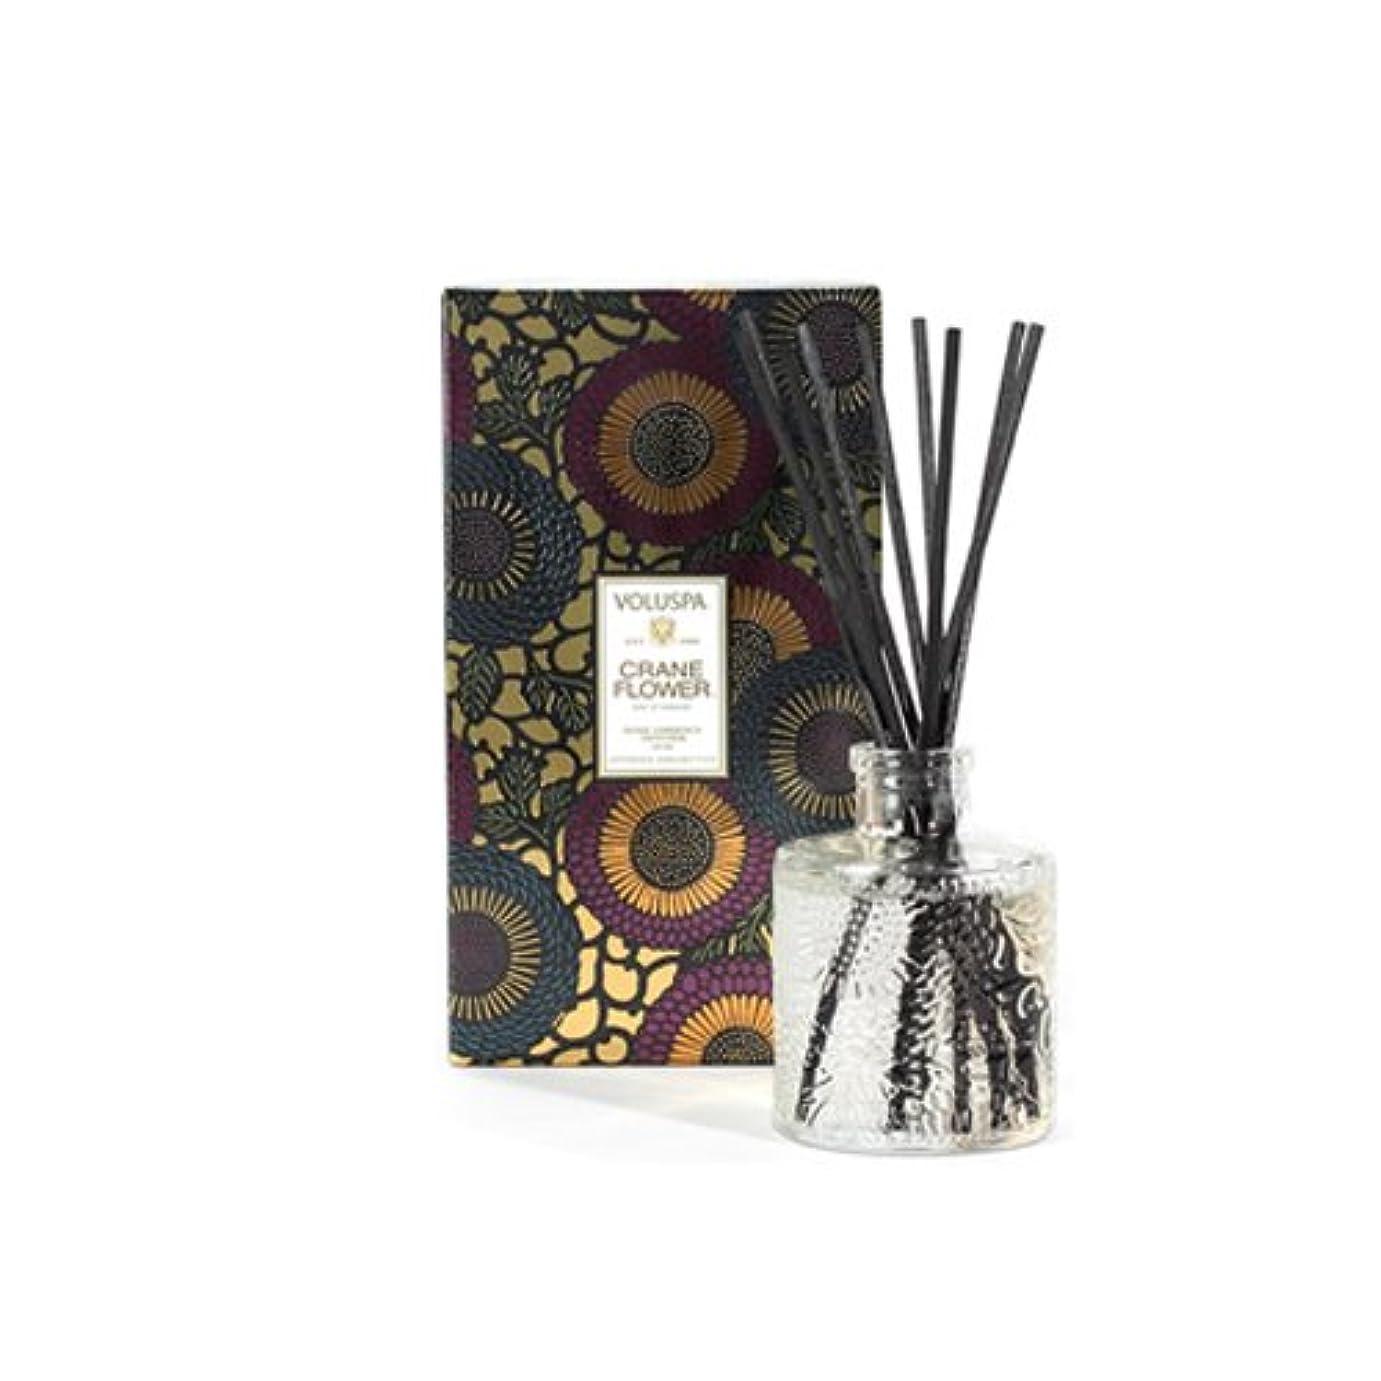 卒業引退する種類VOLUSPA ヴォルスパ ボルスパ ジャポニカシリーズ クレーンフラワー リードディフューザー 100ml JAPONICA Crane Flower Reed Diffuser [並行輸入品]